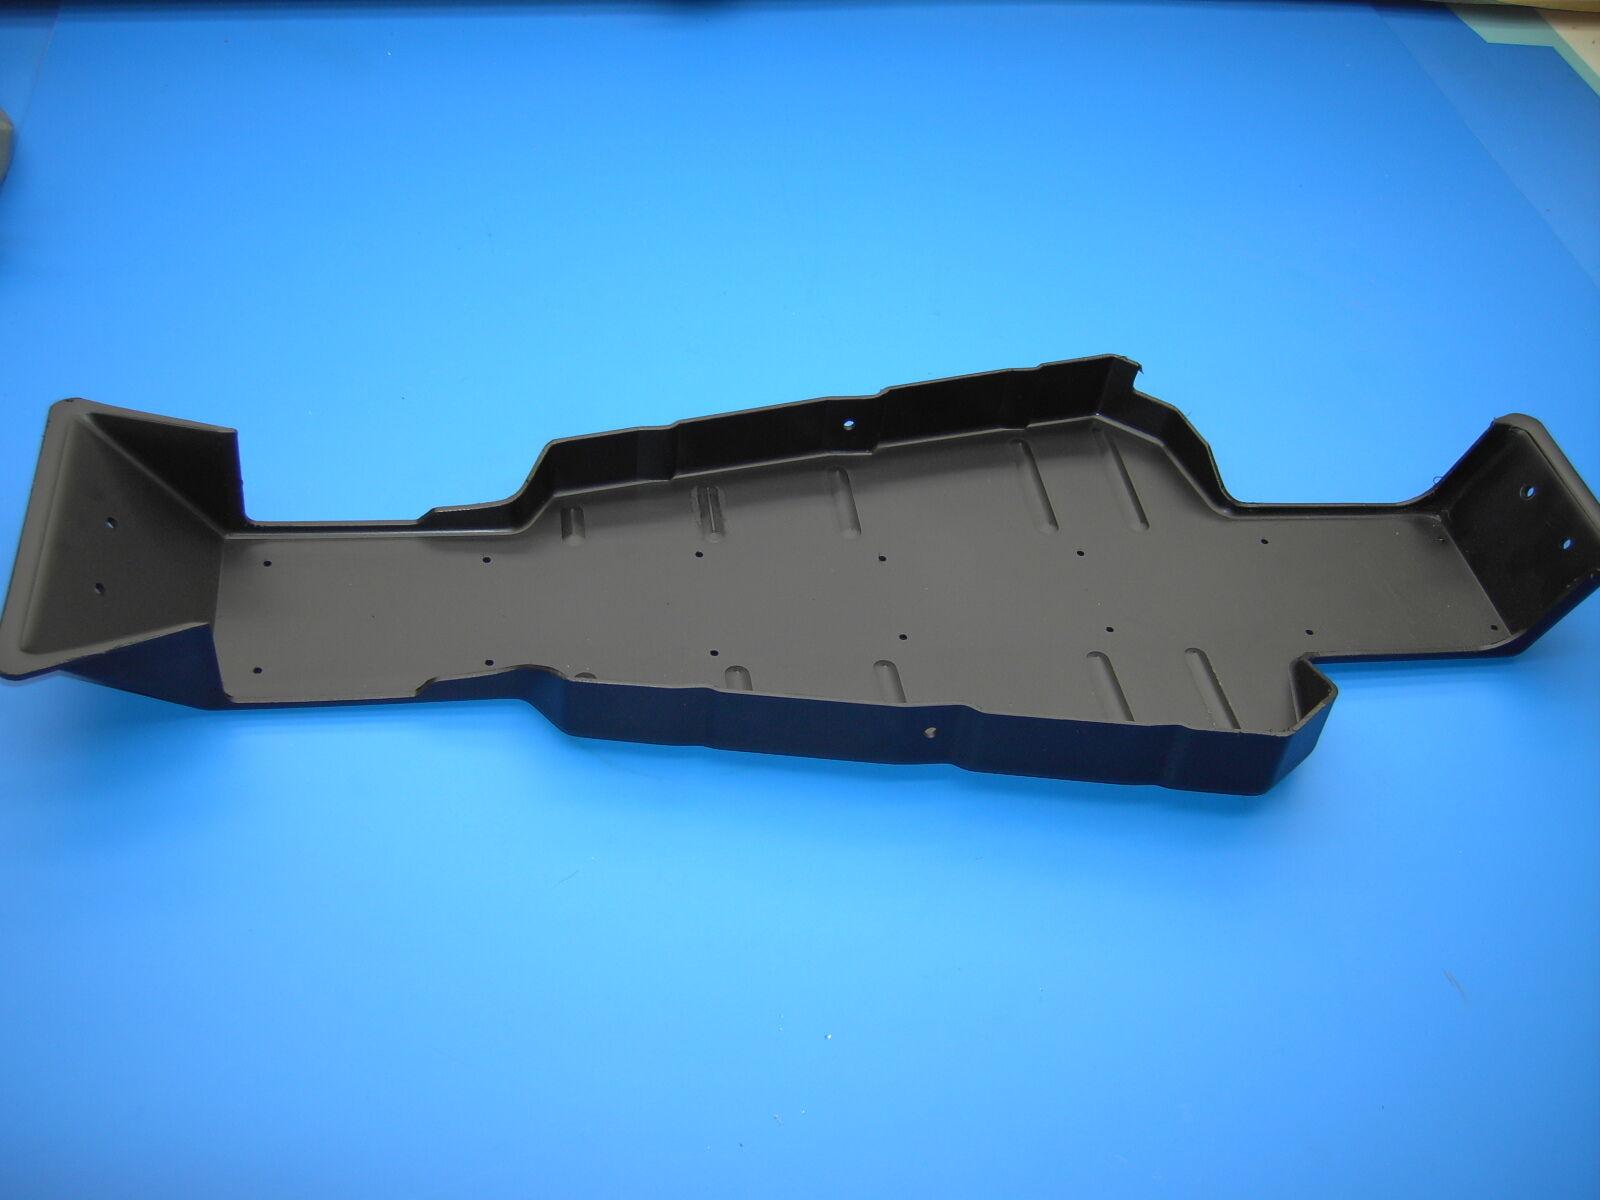 ORIGINALE protezione Lauterbacher vasca in plastica per Lauterbacher L 1 modelli